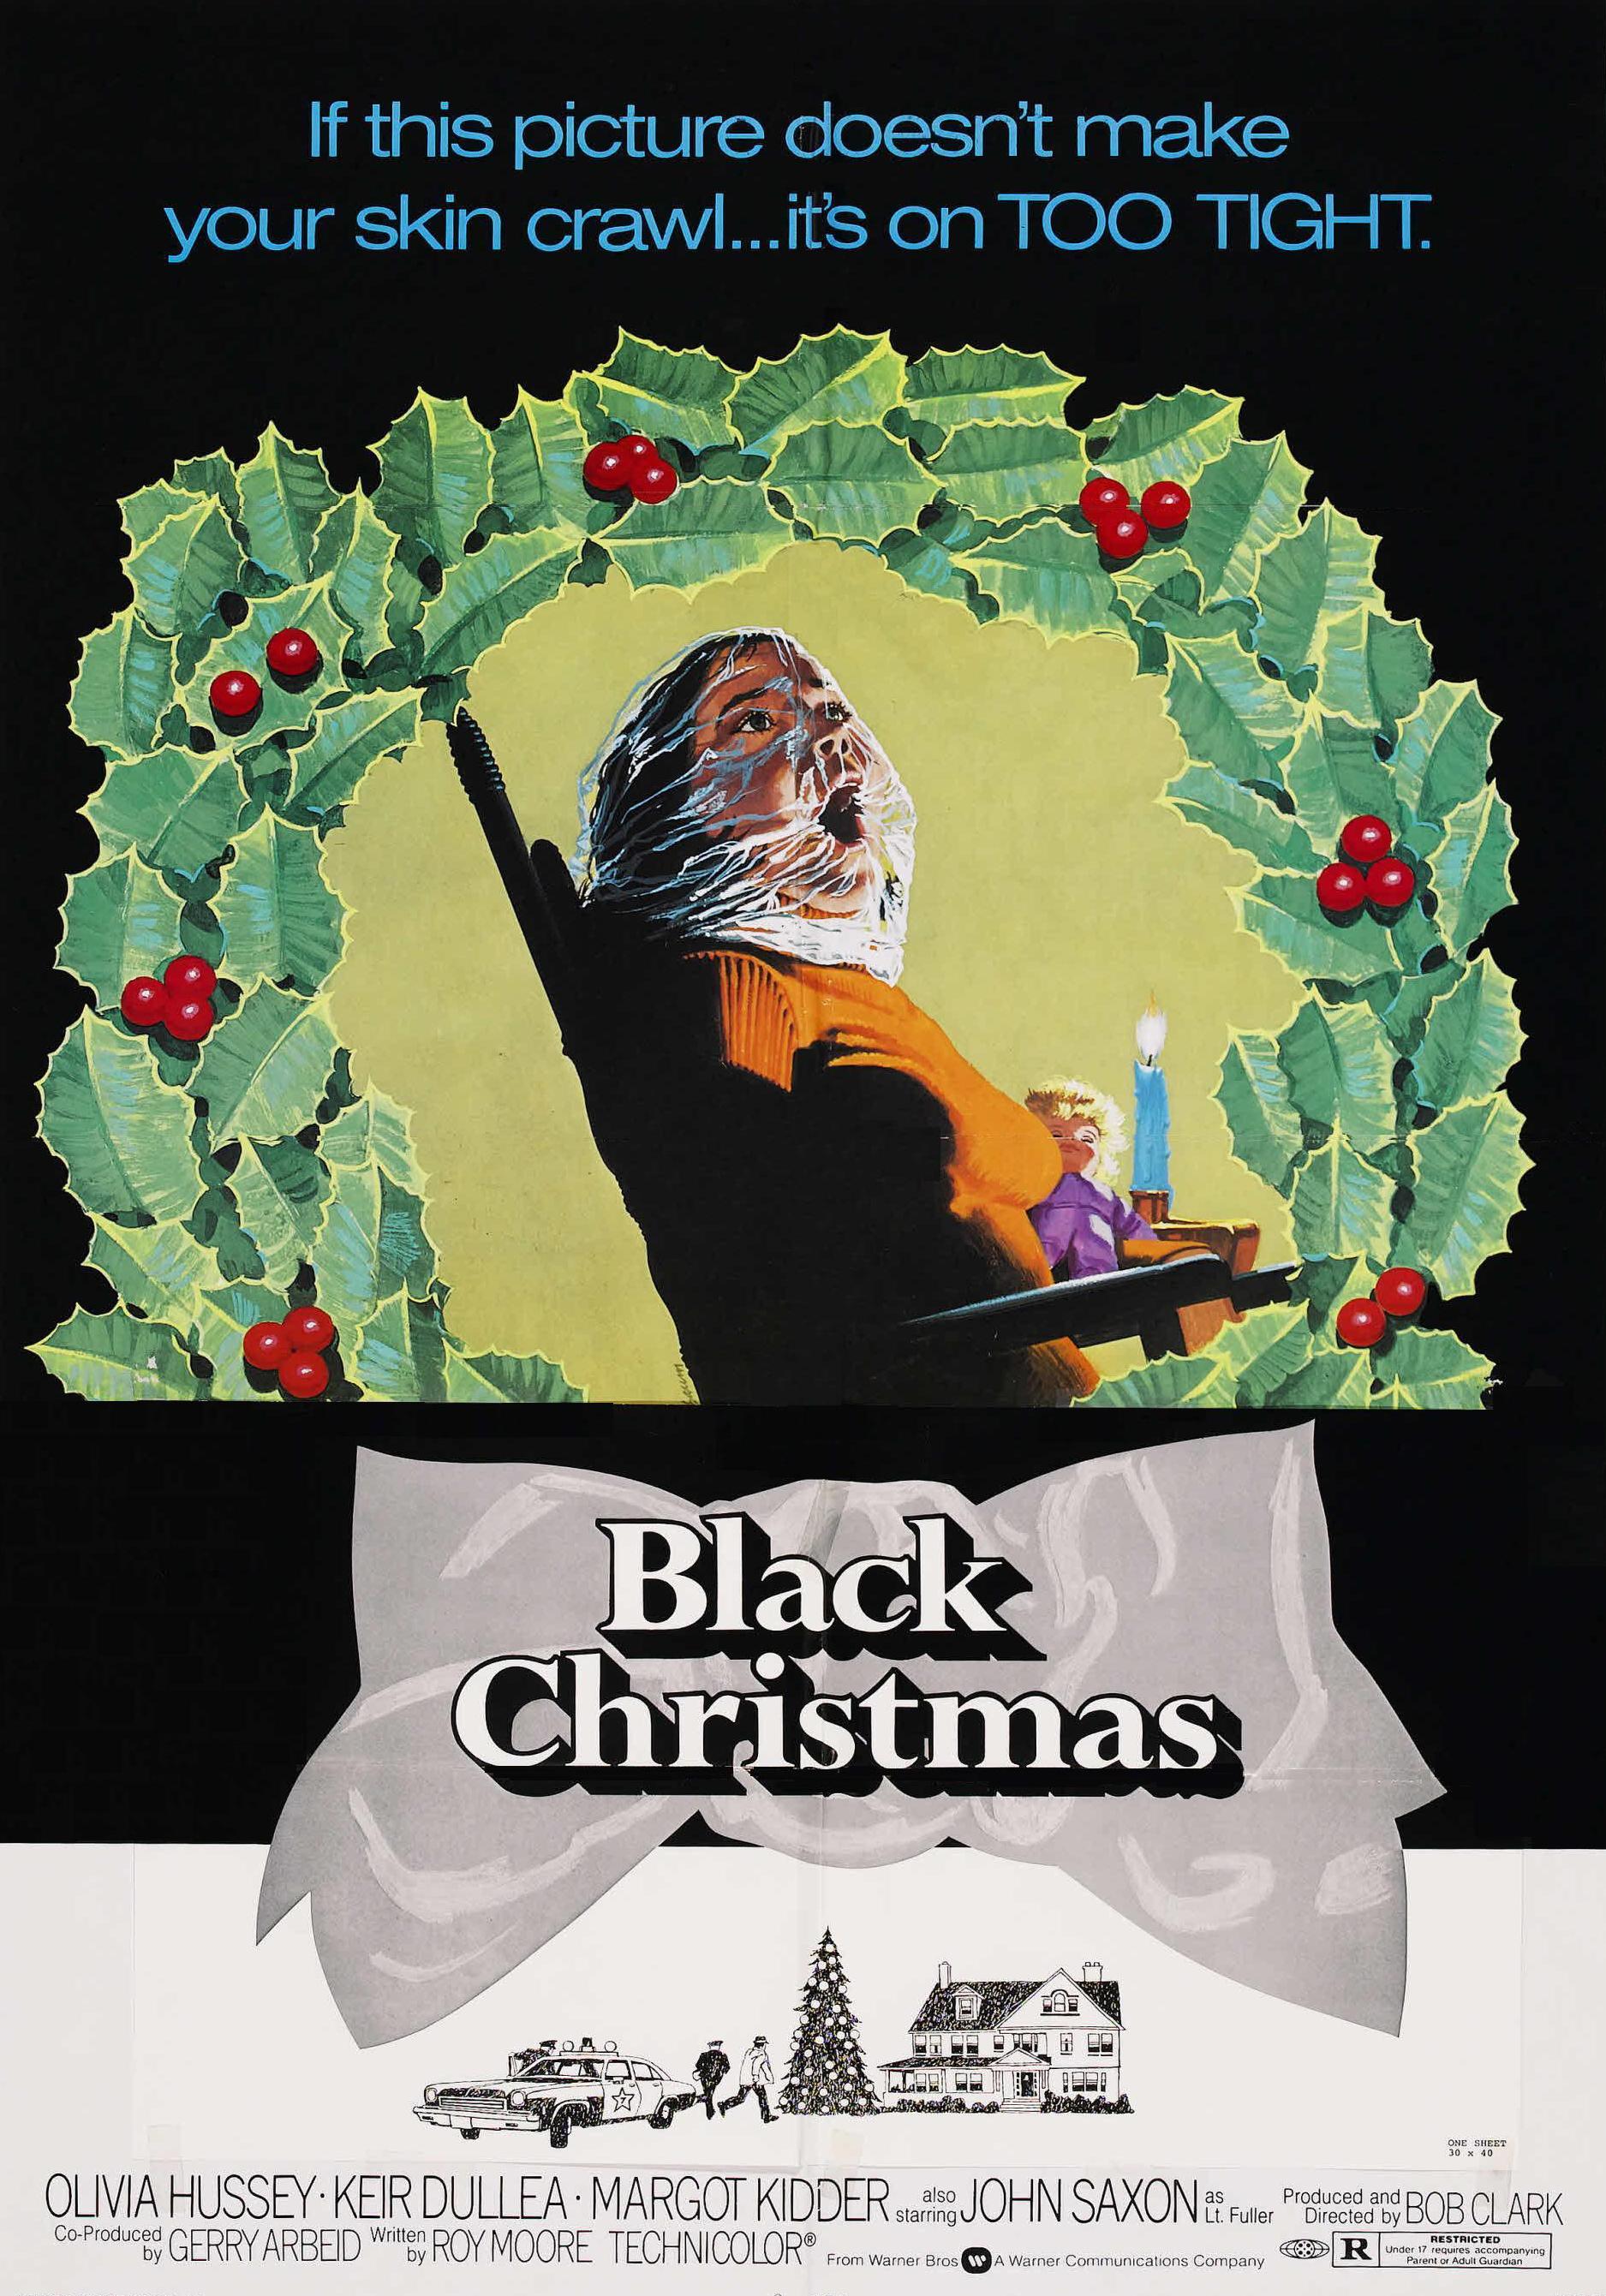 Nếu muốn trải nghiệm cảm giác mới lạ và khó quên trong đêm Giáng sinh, bạn đừng bỏ lỡ những phim kinh dị sau đây 0